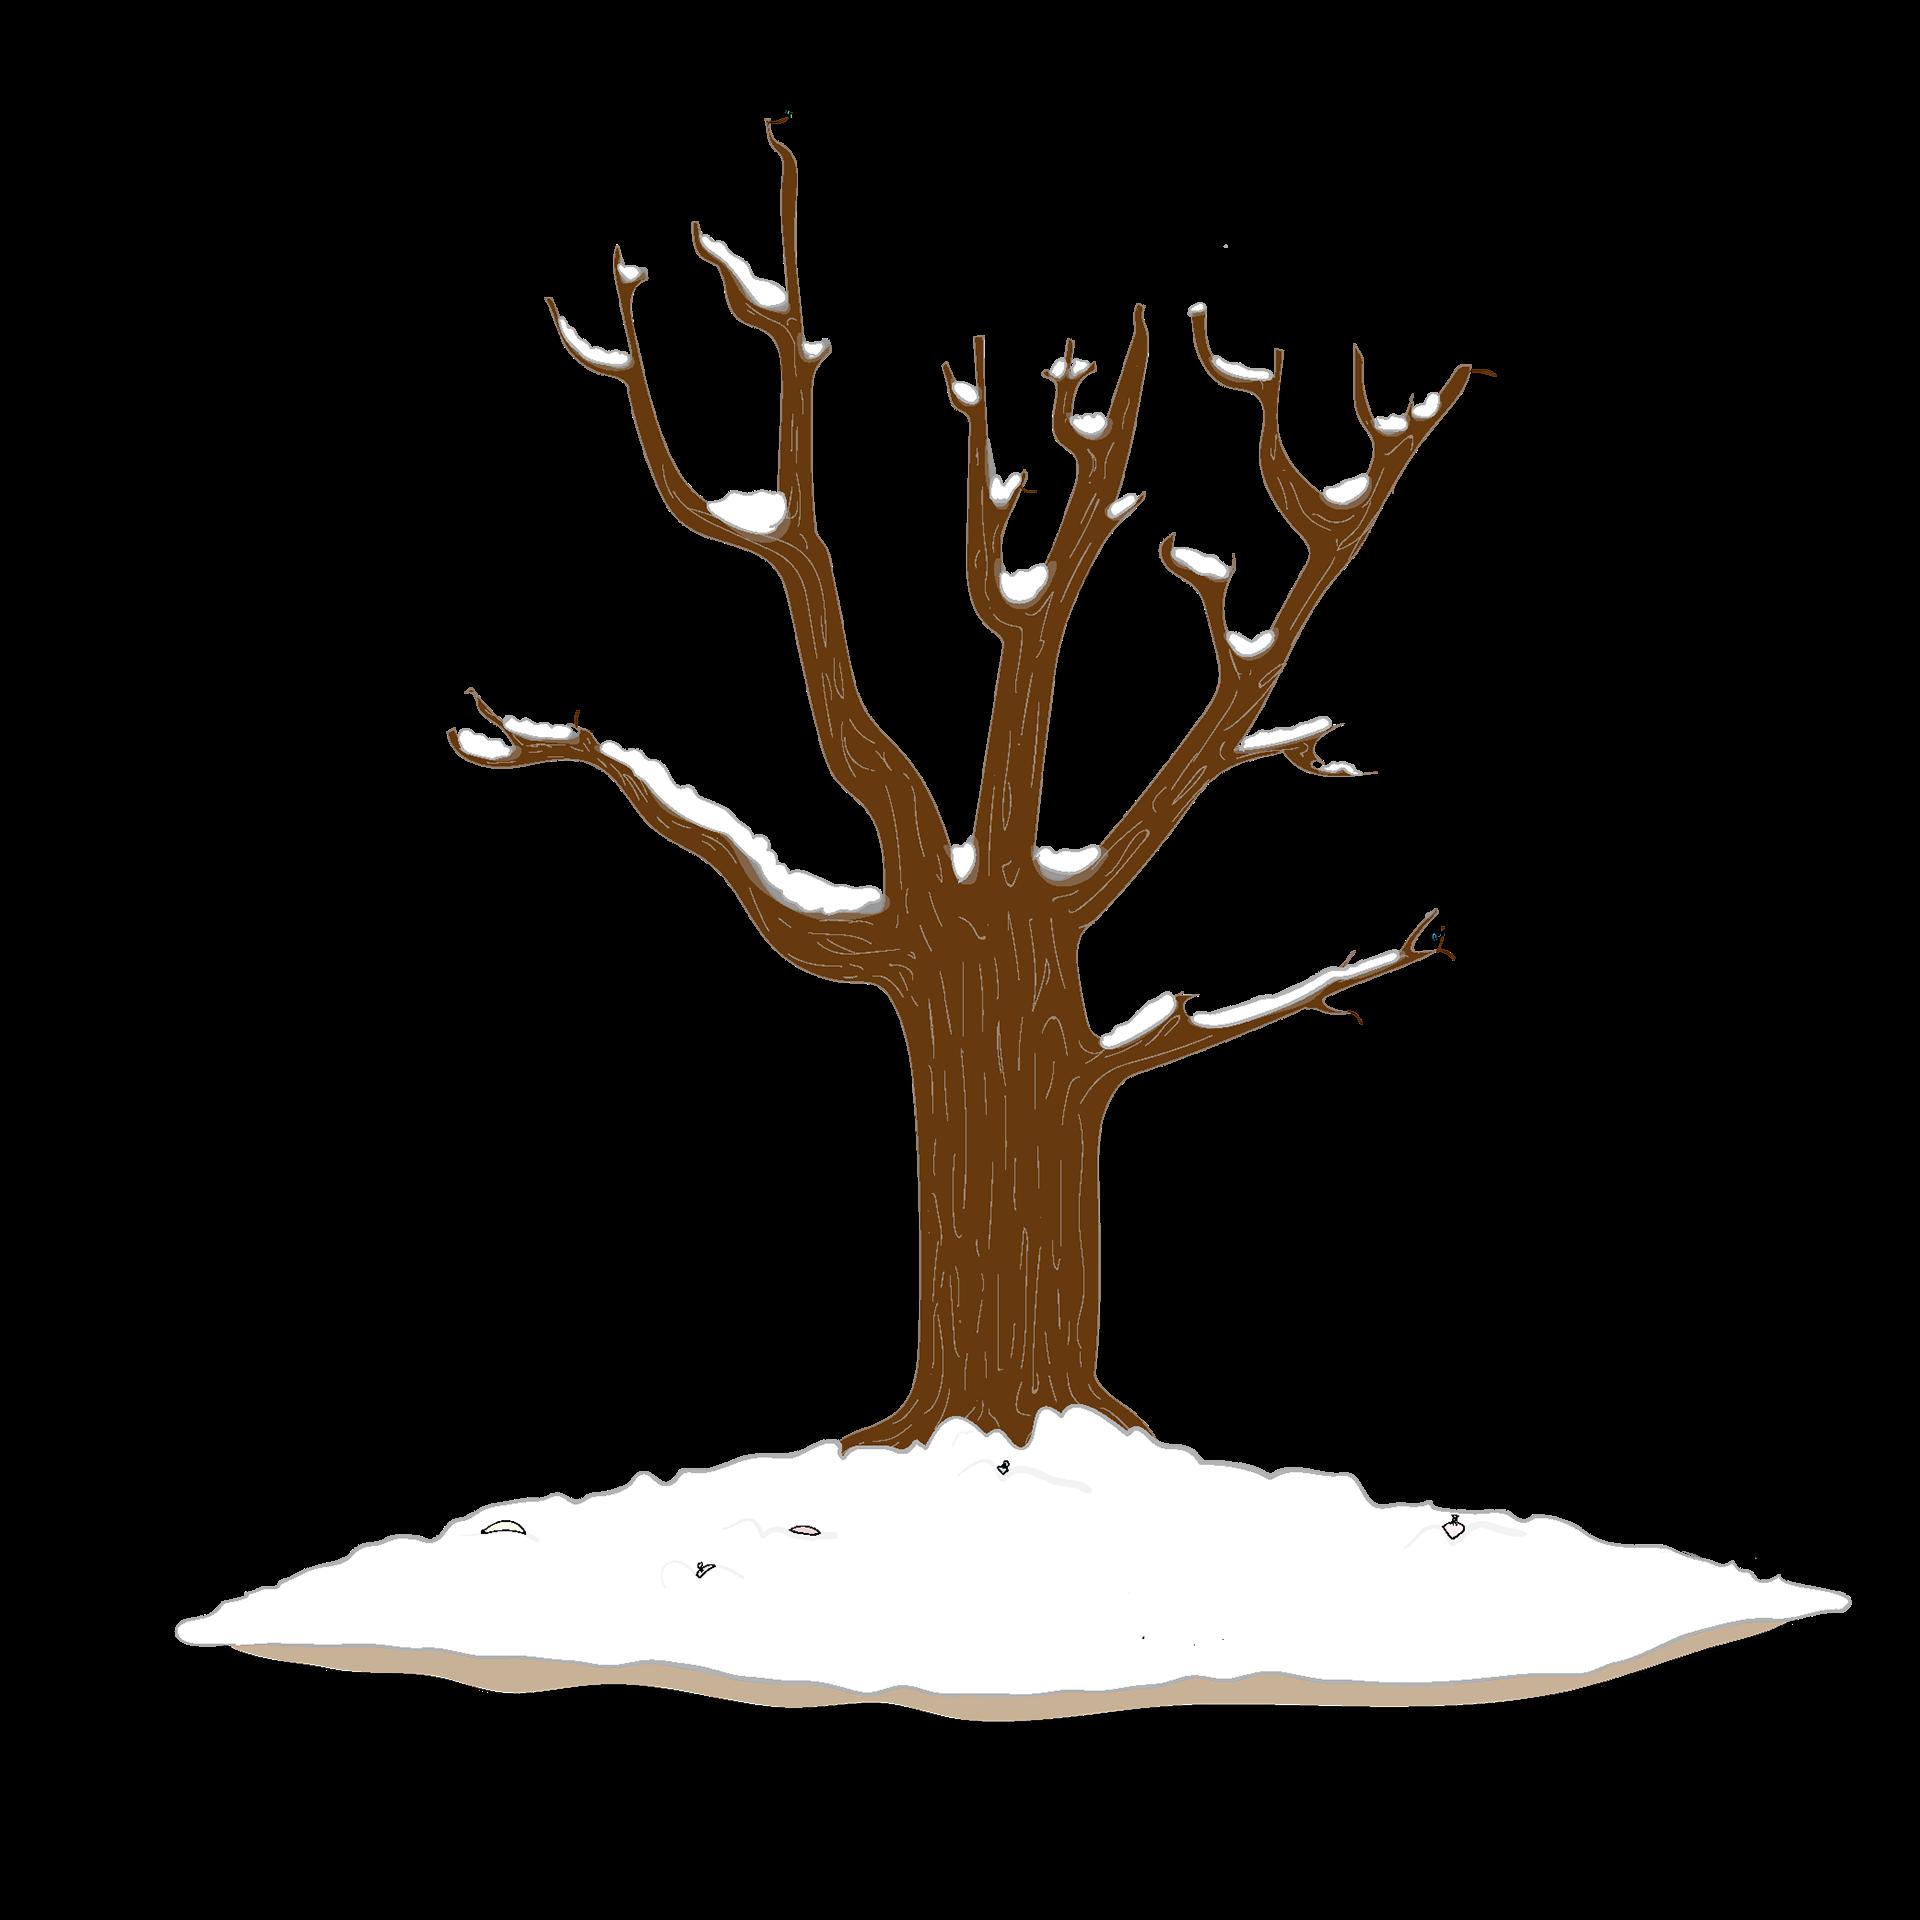 зимнее дерево картинки для оформления